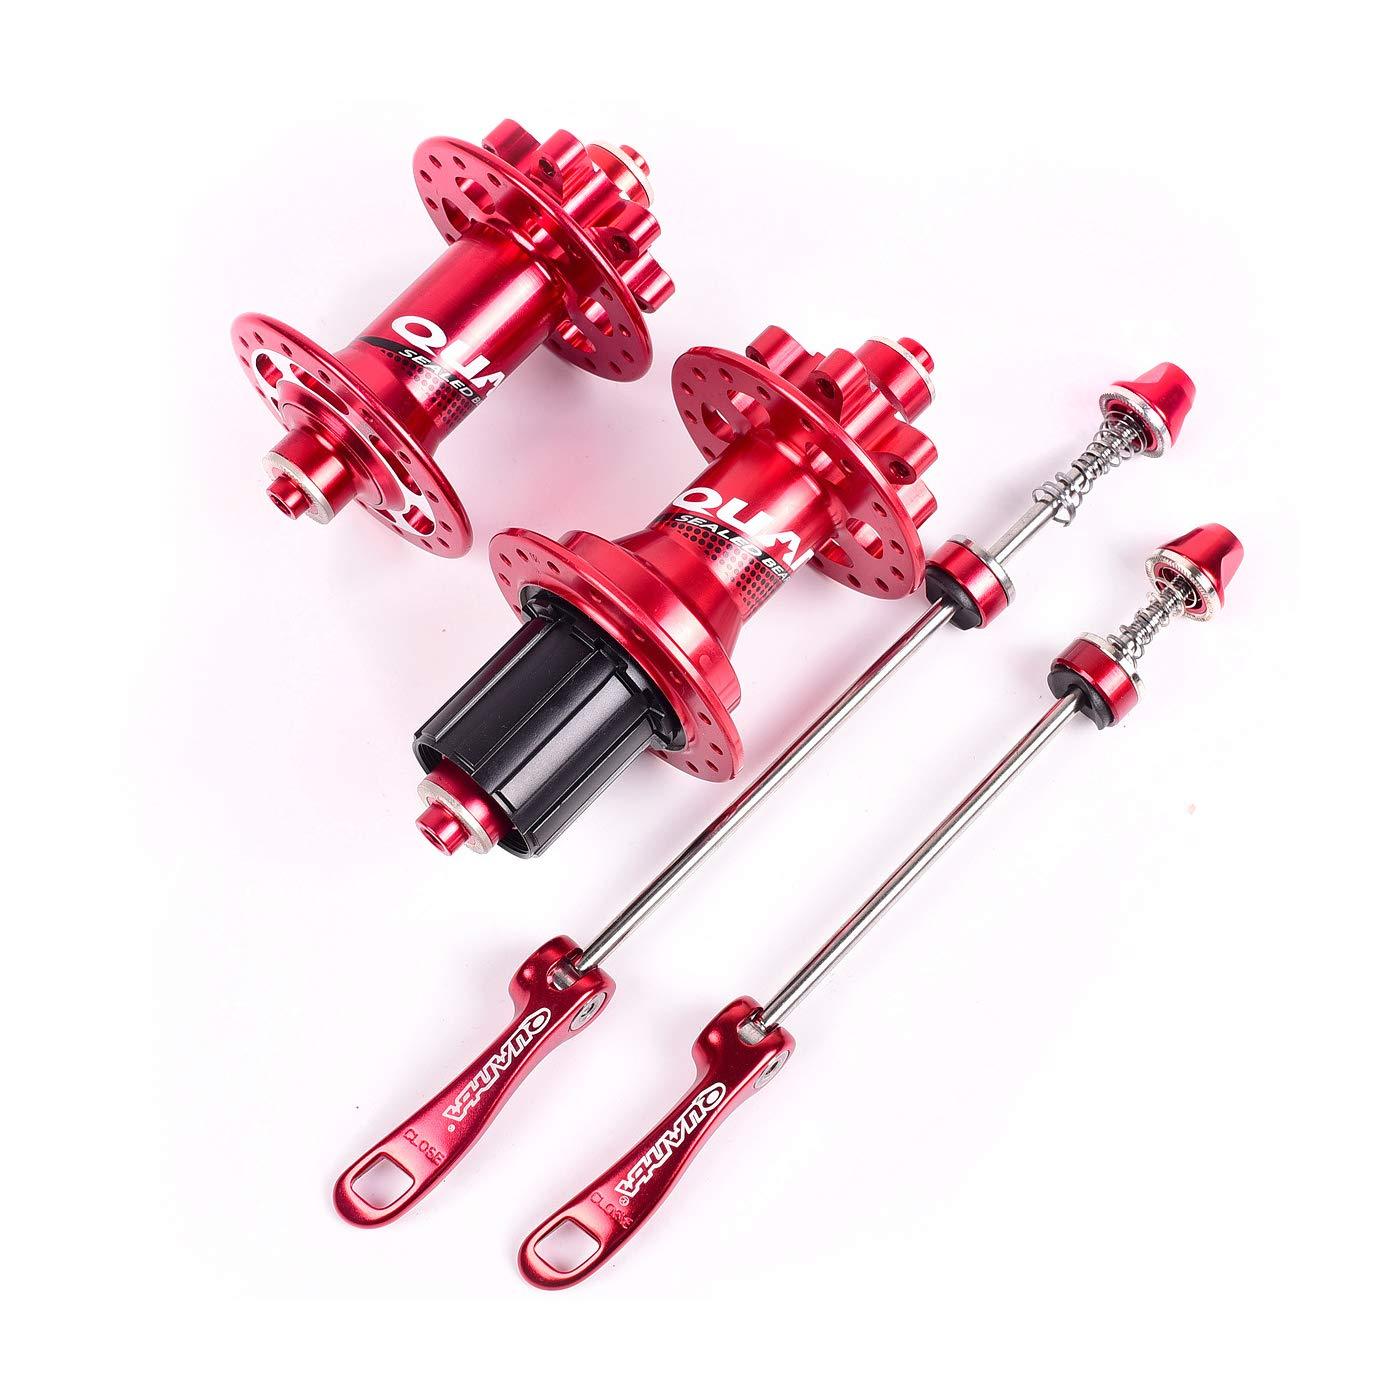 自転車ハブマウンテンバイクハブフロントリア クイックリリース付8-9-1-11スピード  red B07Q6RR9HW